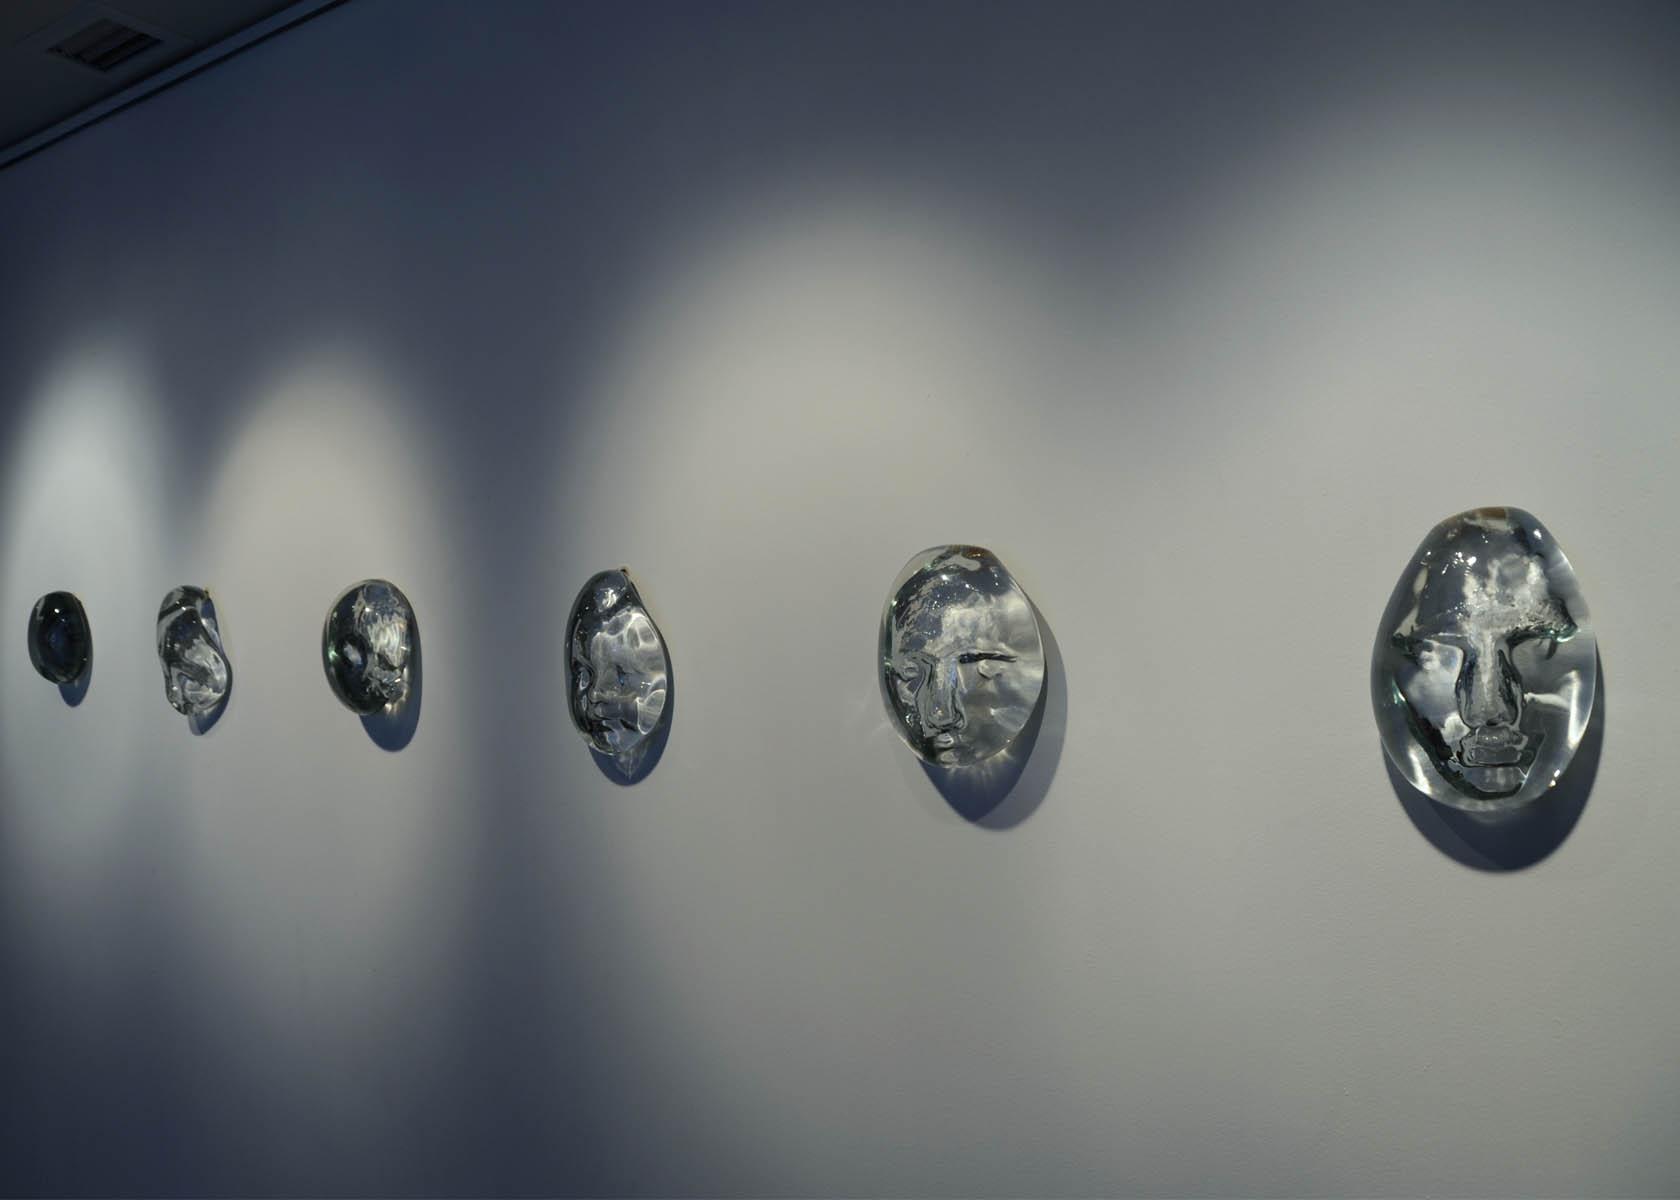 ПРОЯВЛЕНИЕ, 2011